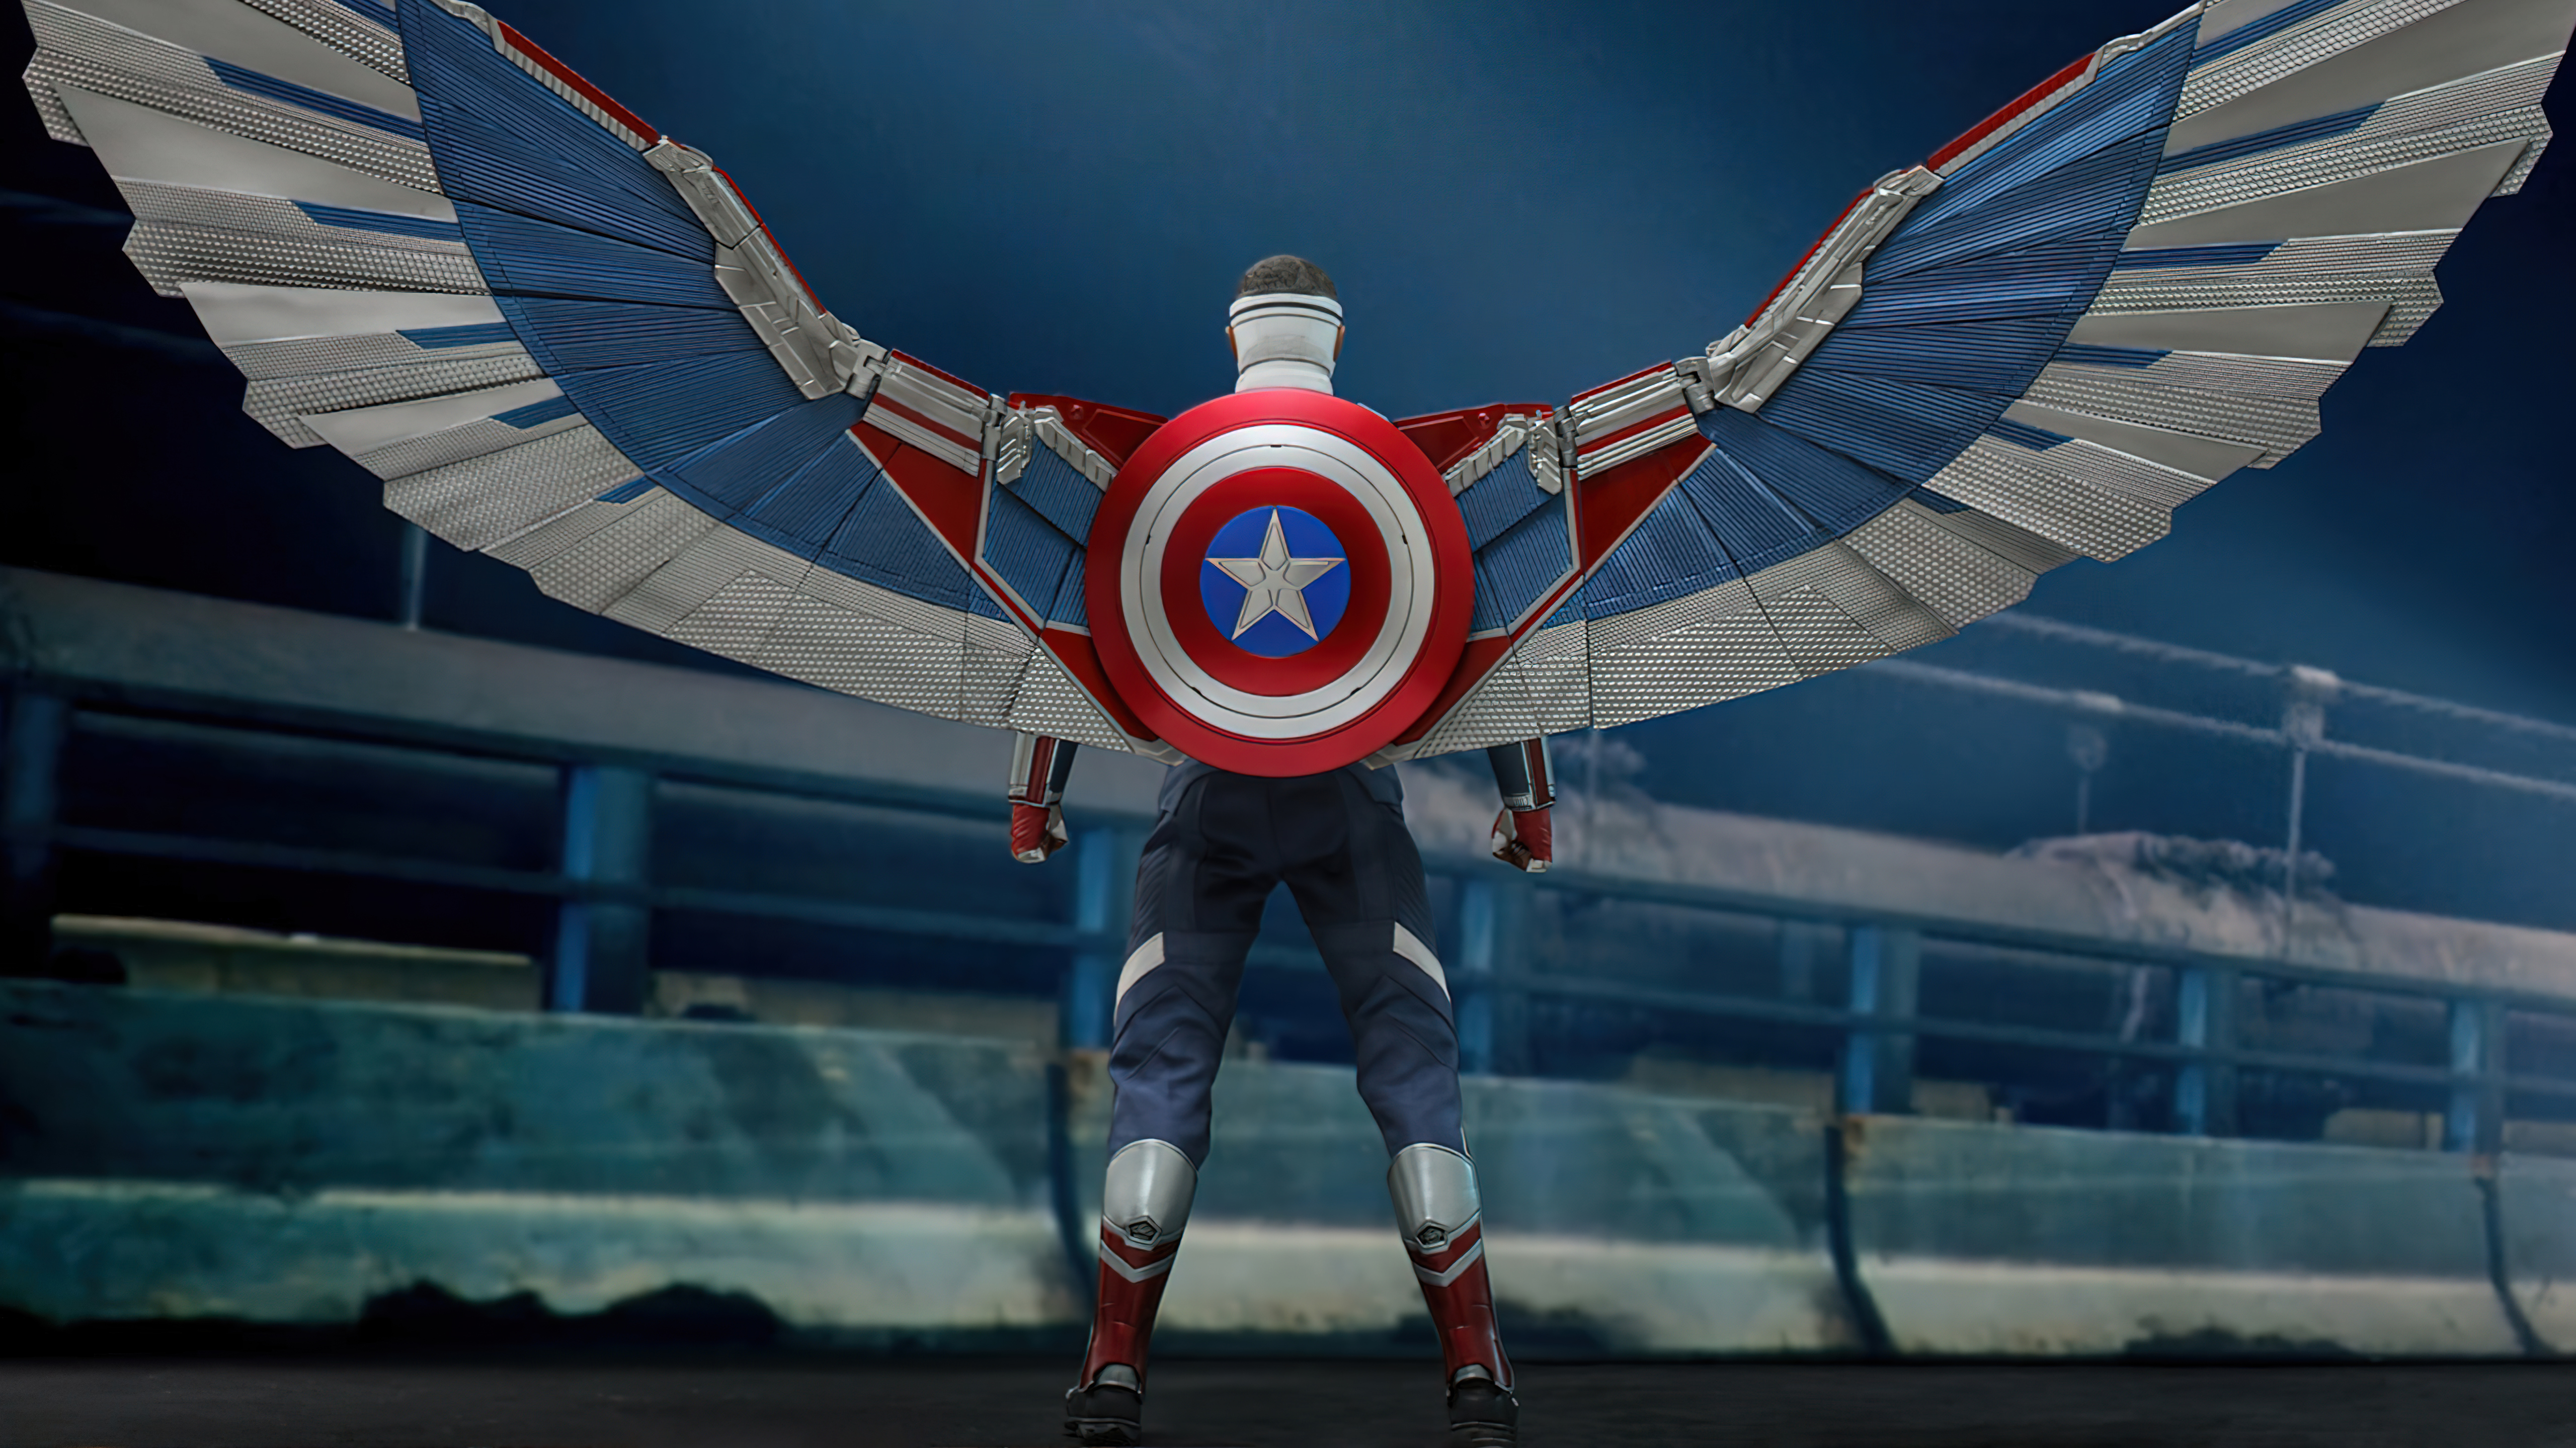 Fondos de pantalla Capitan America Falcon y el soldado de invierno